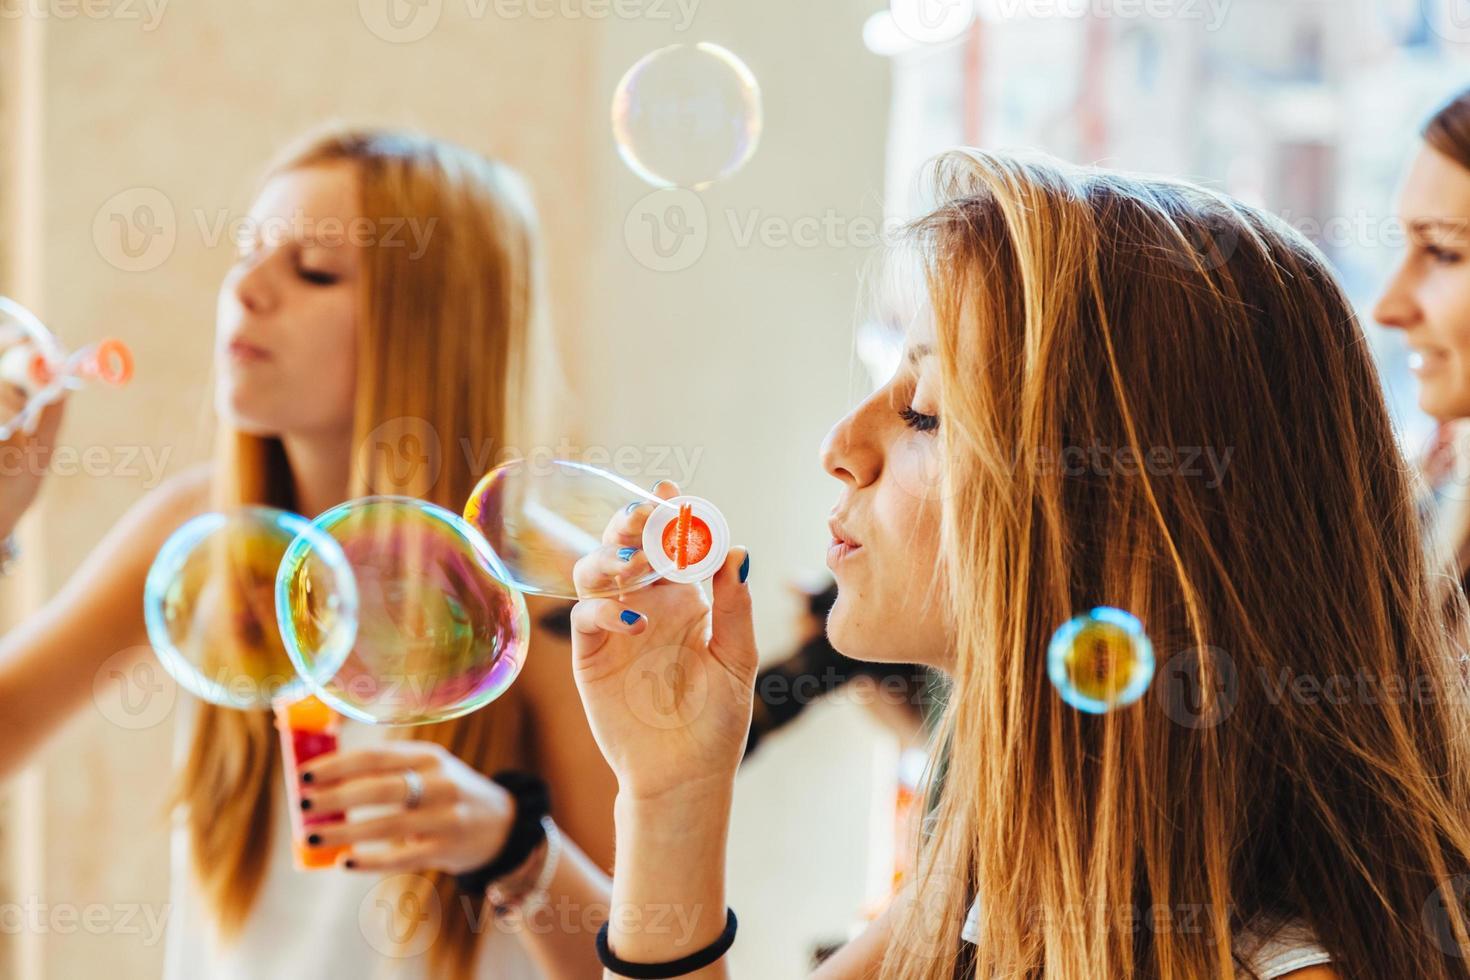 un gruppo di tre amici che giocano con le bolle di sapone foto